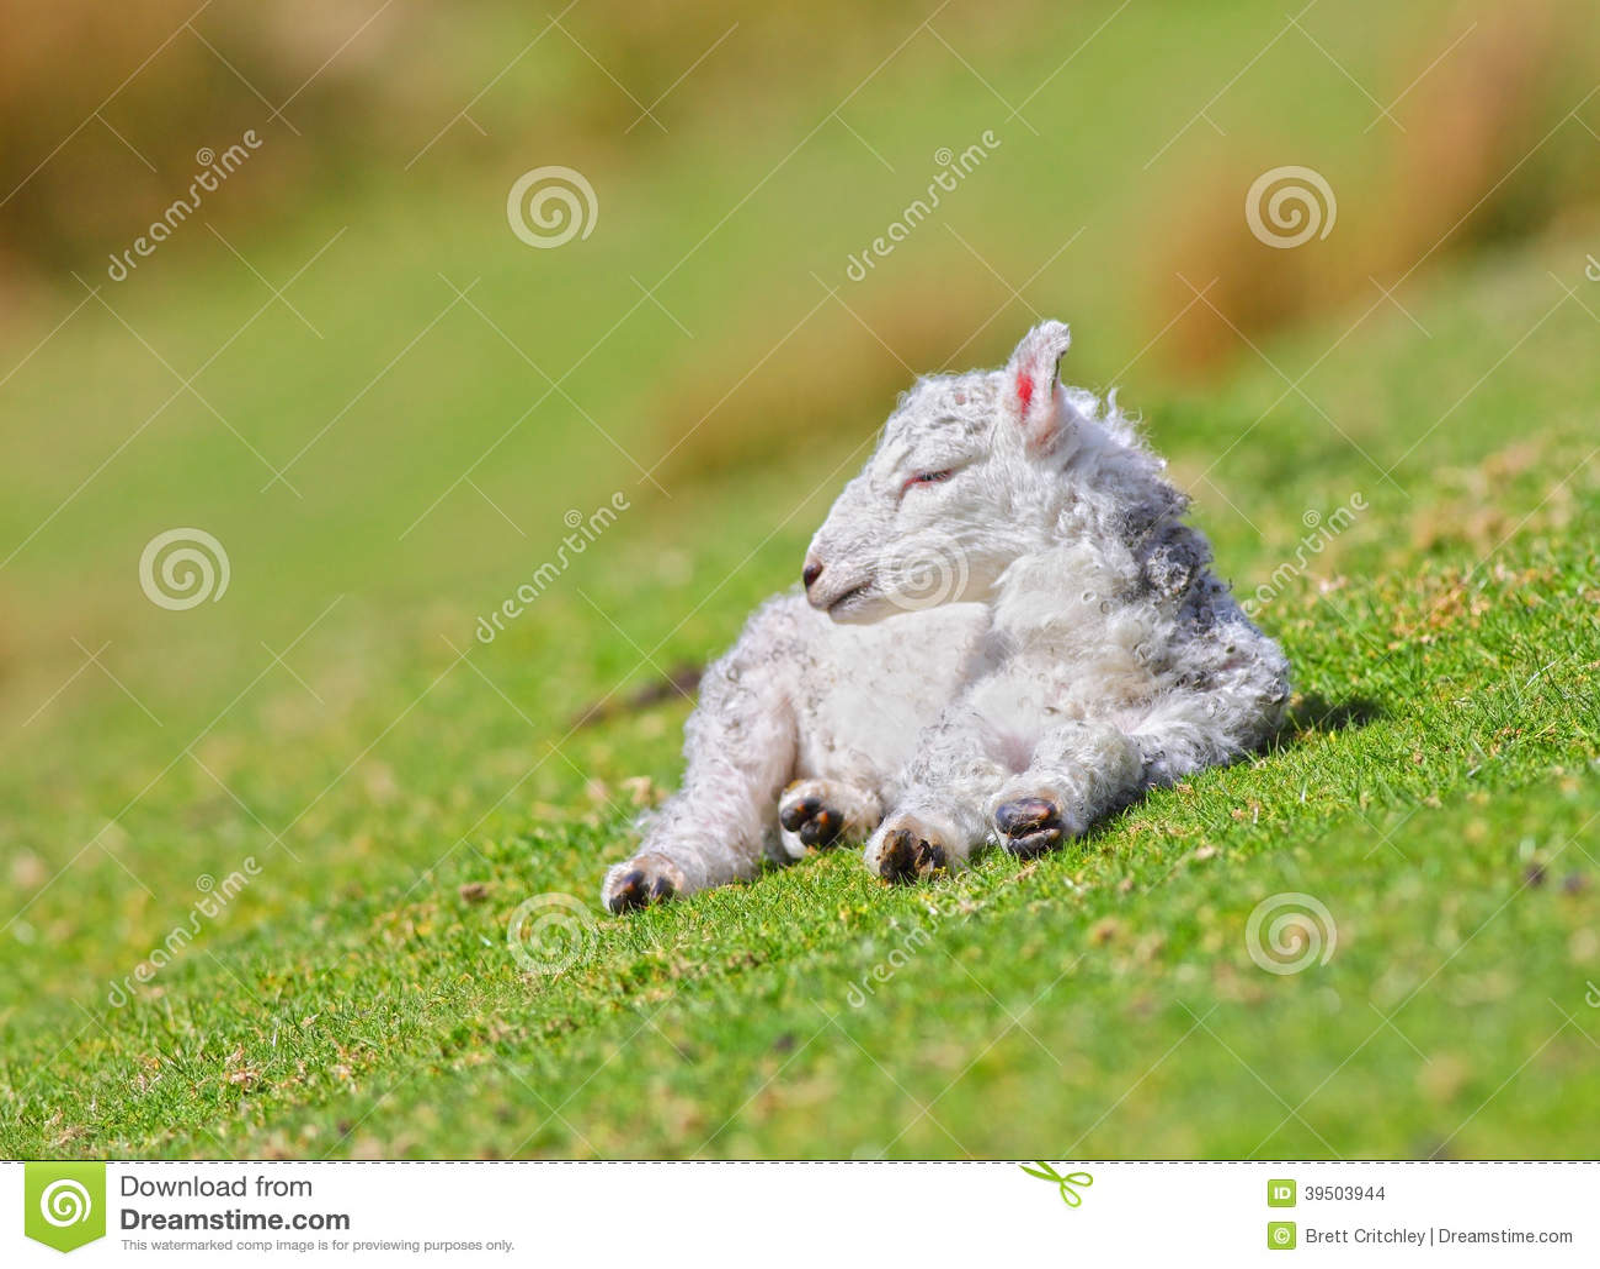 Newborn white lamb